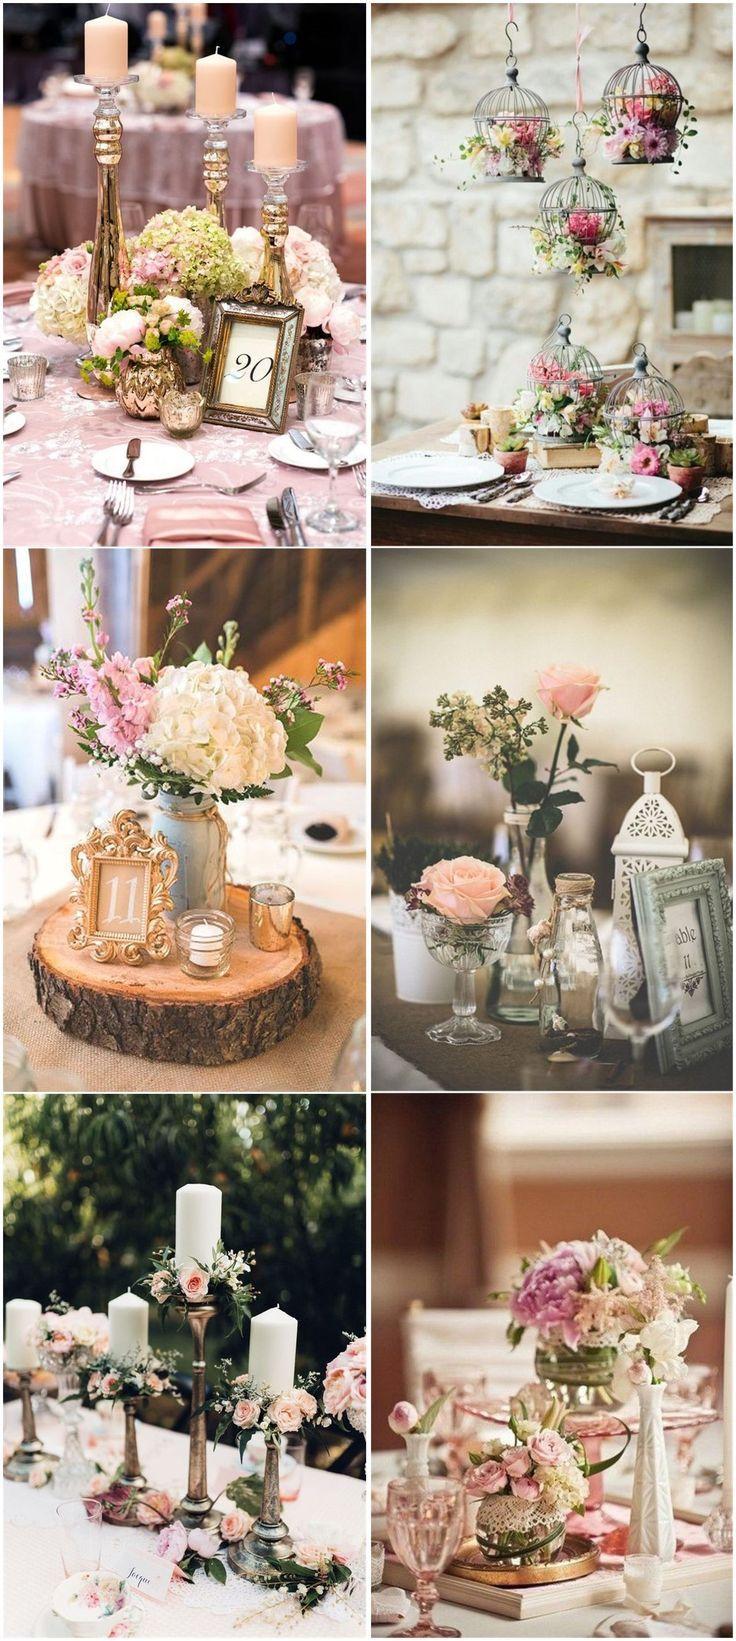 Vintage Hochzeiten »26 Vintage Hochzeit Mittelstücke, die Ihre Hochzeit zu einem … - Hochzeit ideen #bruiloften